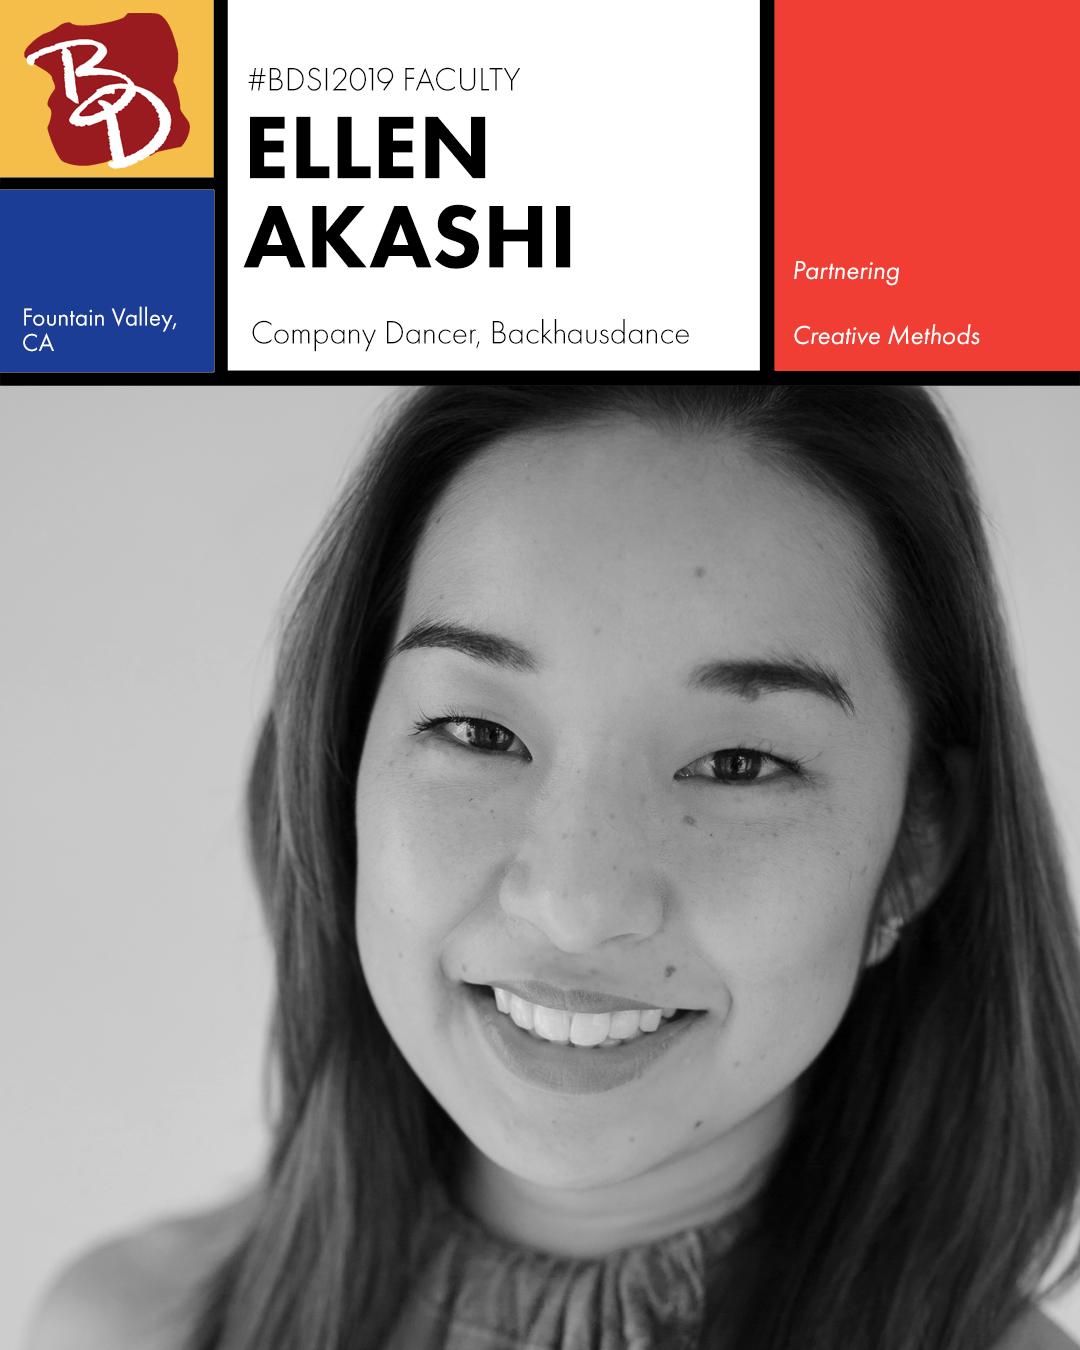 Faculty Announcement - Akashi Ellen.jpg